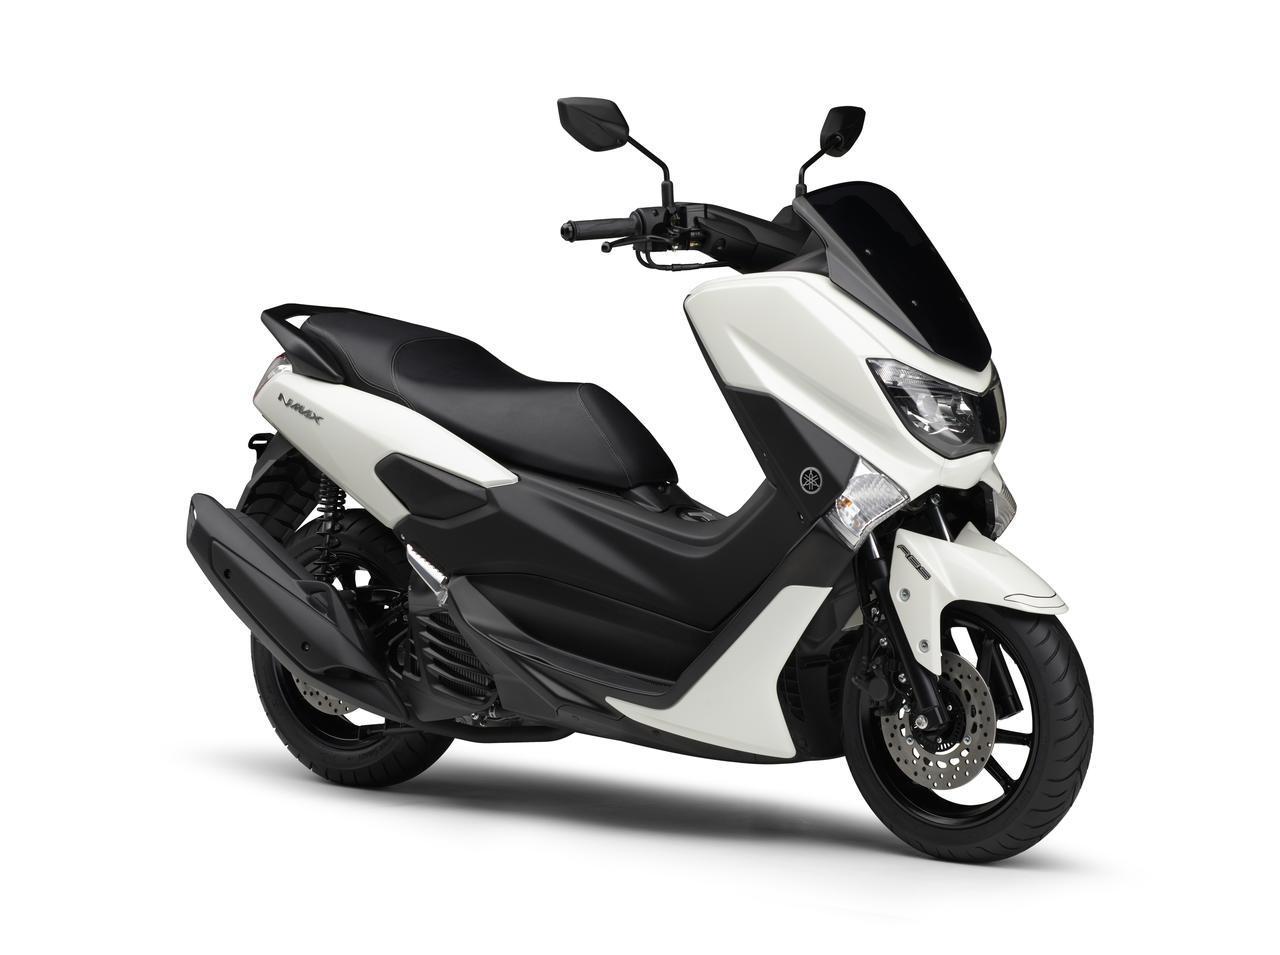 画像6: ヤマハの原付二種「NMAX ABS」2020年モデル情報|新色が4月25日に発売!【価格・発売日・カラー・スペック】